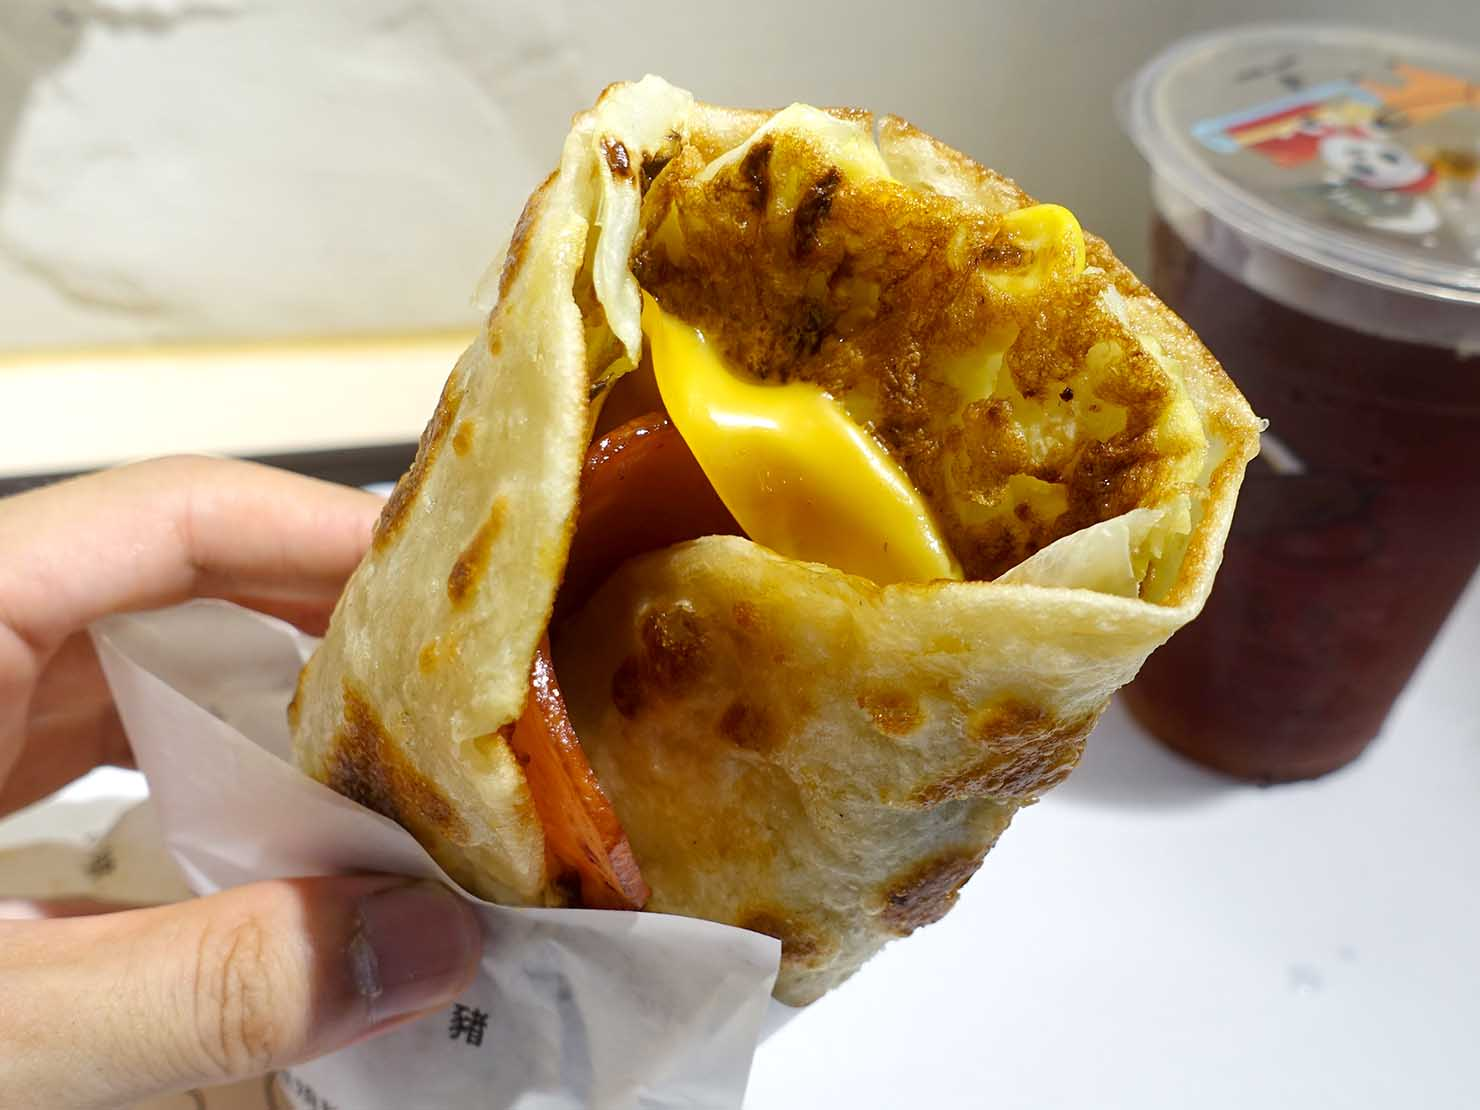 台北・師大夜市のおすすめ台湾グルメ店「蛋幾ㄌㄟˇ」の香酥蛋餅捲(綜合捲)クローズアップ